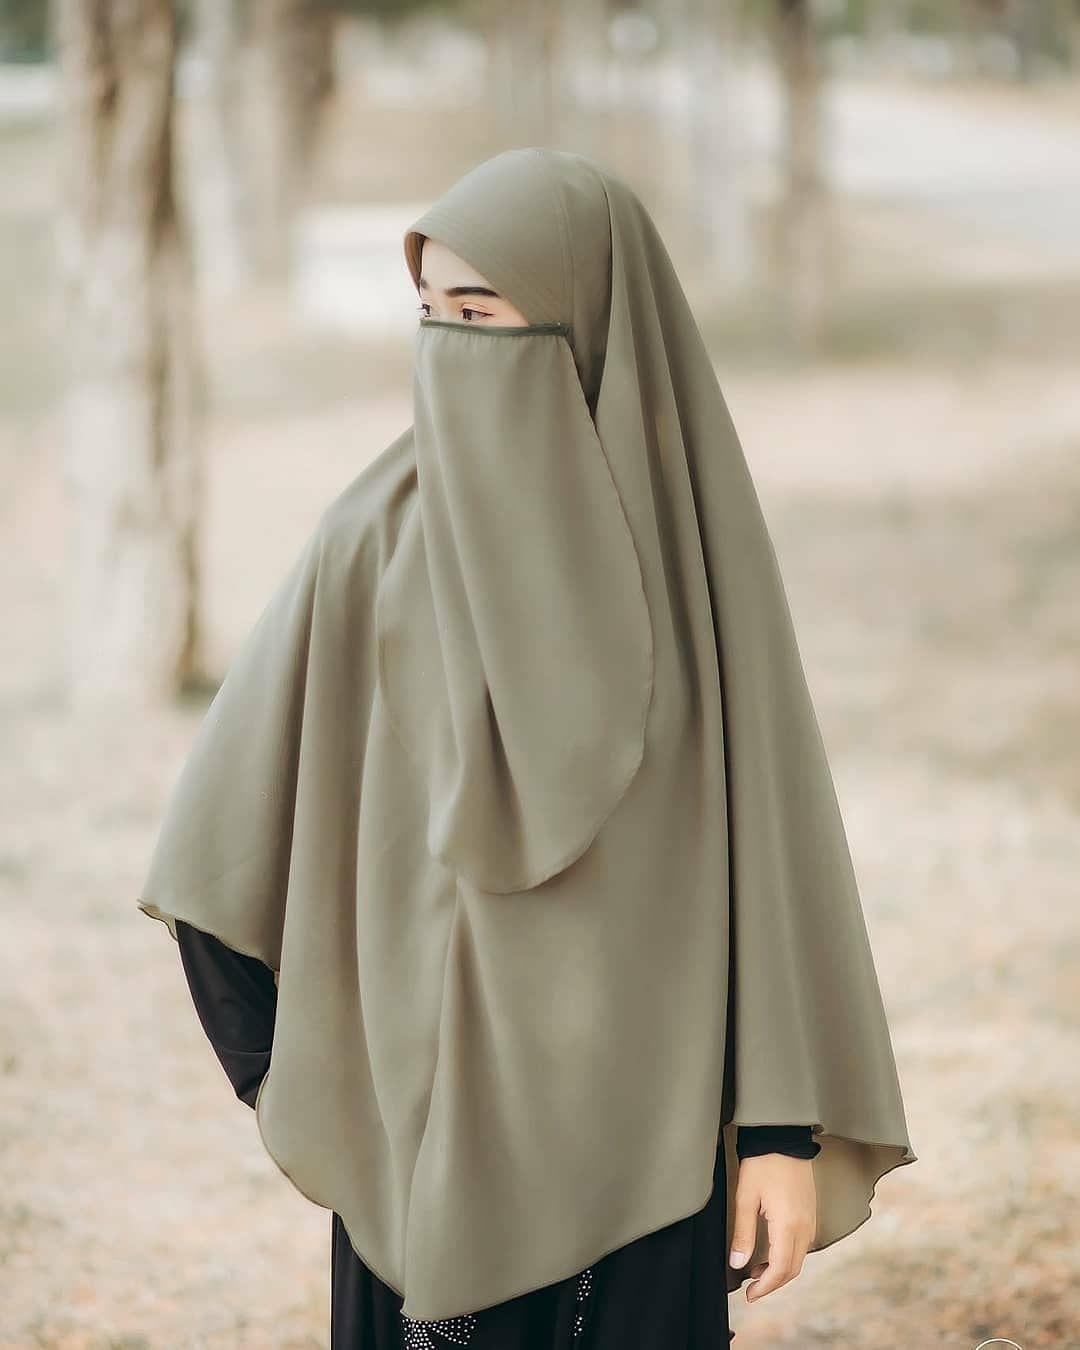 aisyah beautiful niqabis fashion 2020